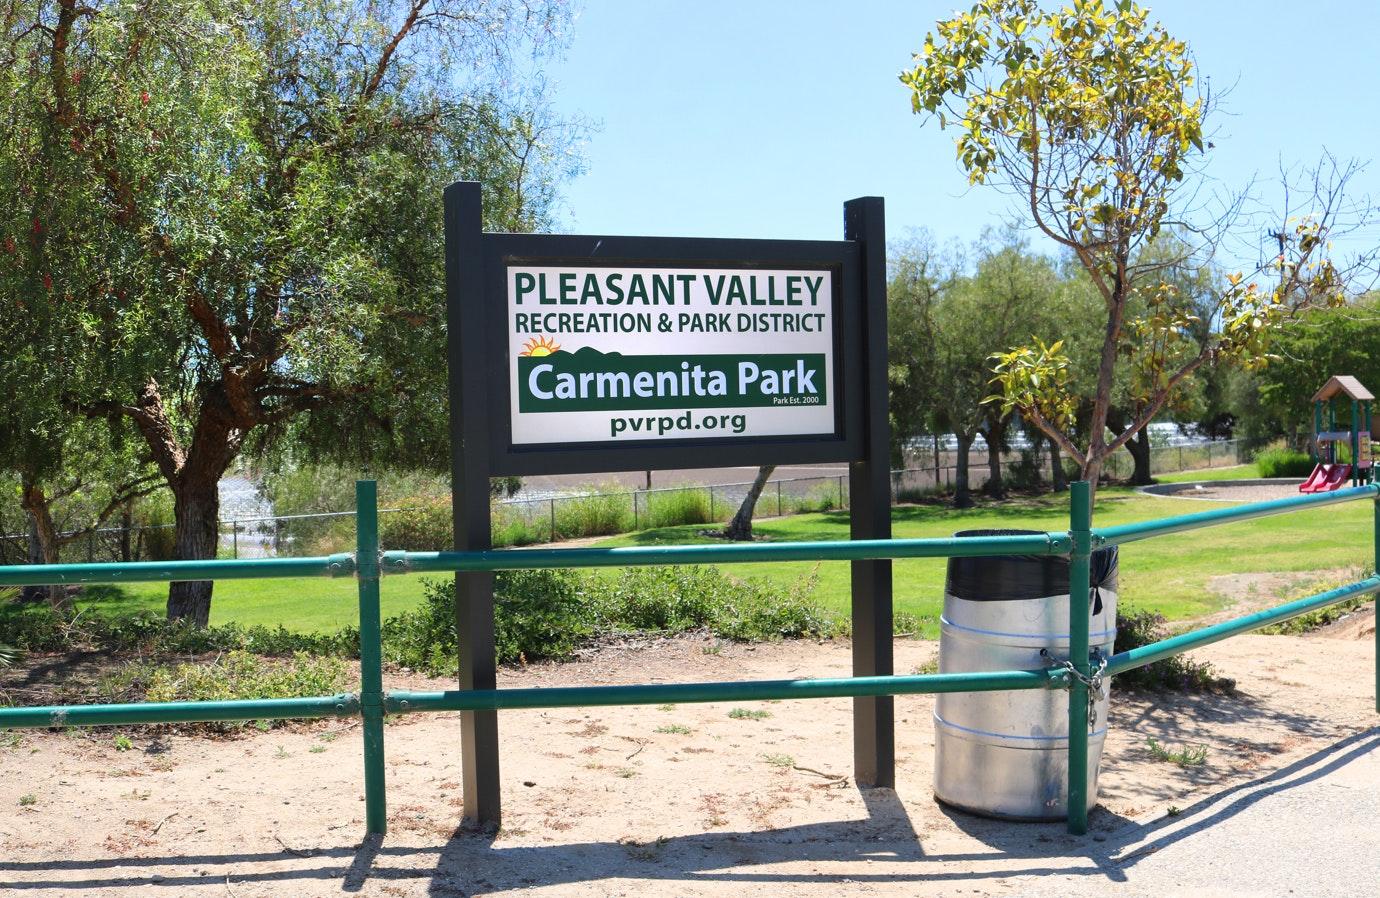 Carmenita Park sign